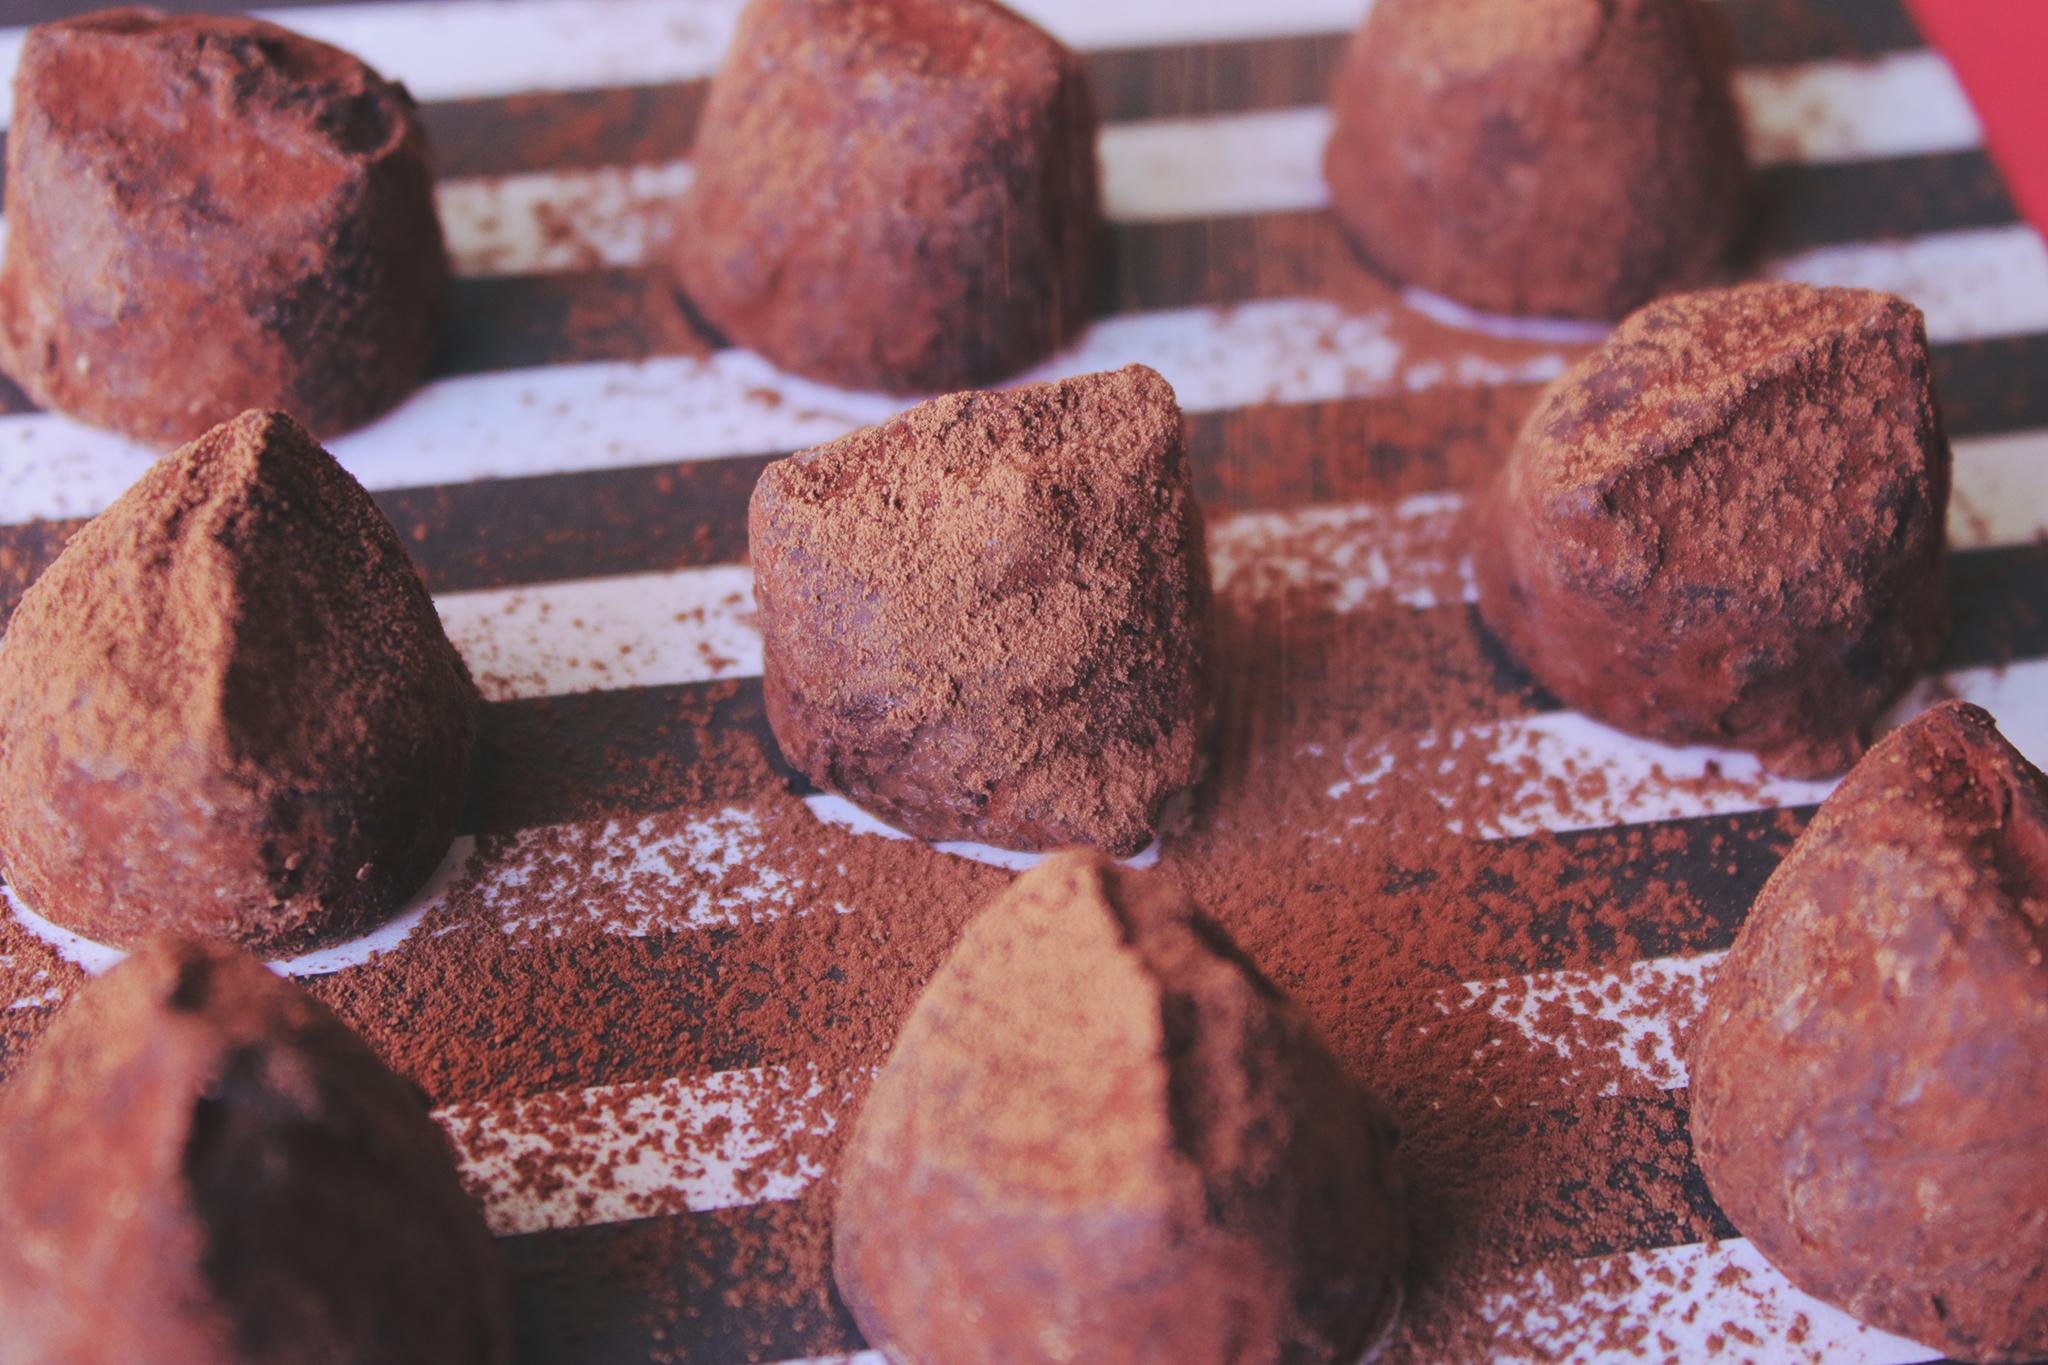 チョコレートって嗜好品じゃなかったの?美容や健康に良さそうなものがいっぱいあって驚きを隠しきれません